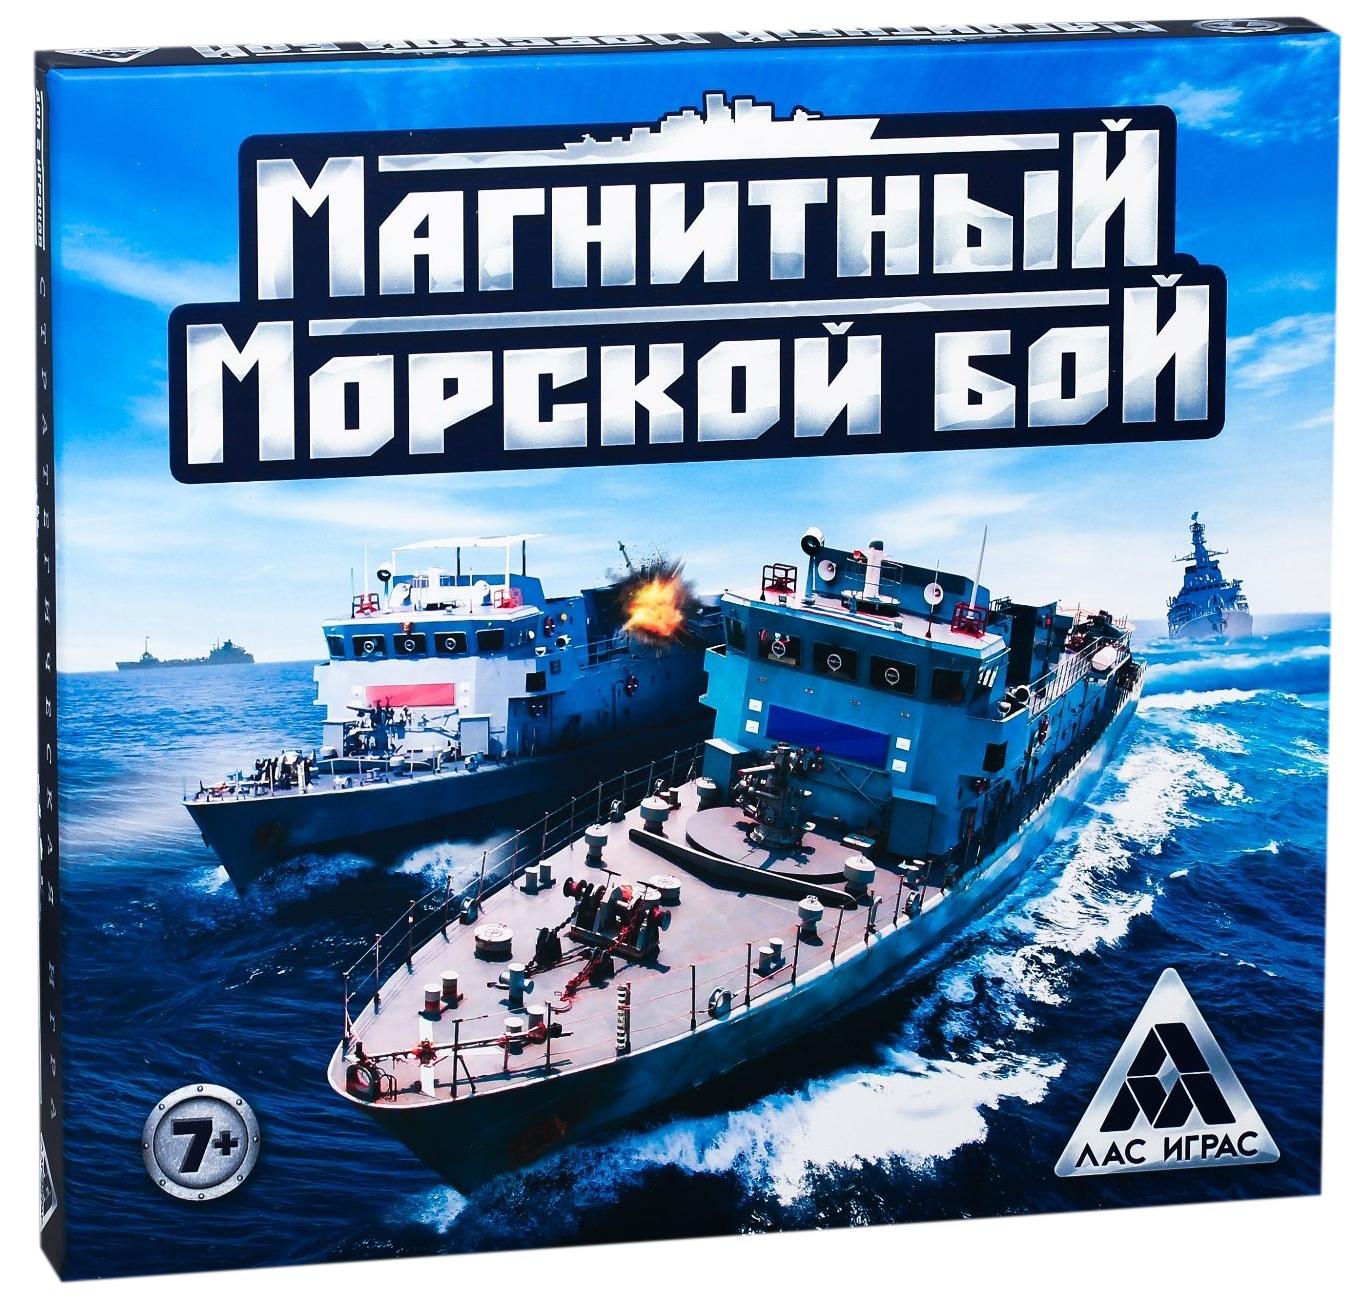 Стратегическая игра «Магнитный морской бой» ЛАС ИГРАС